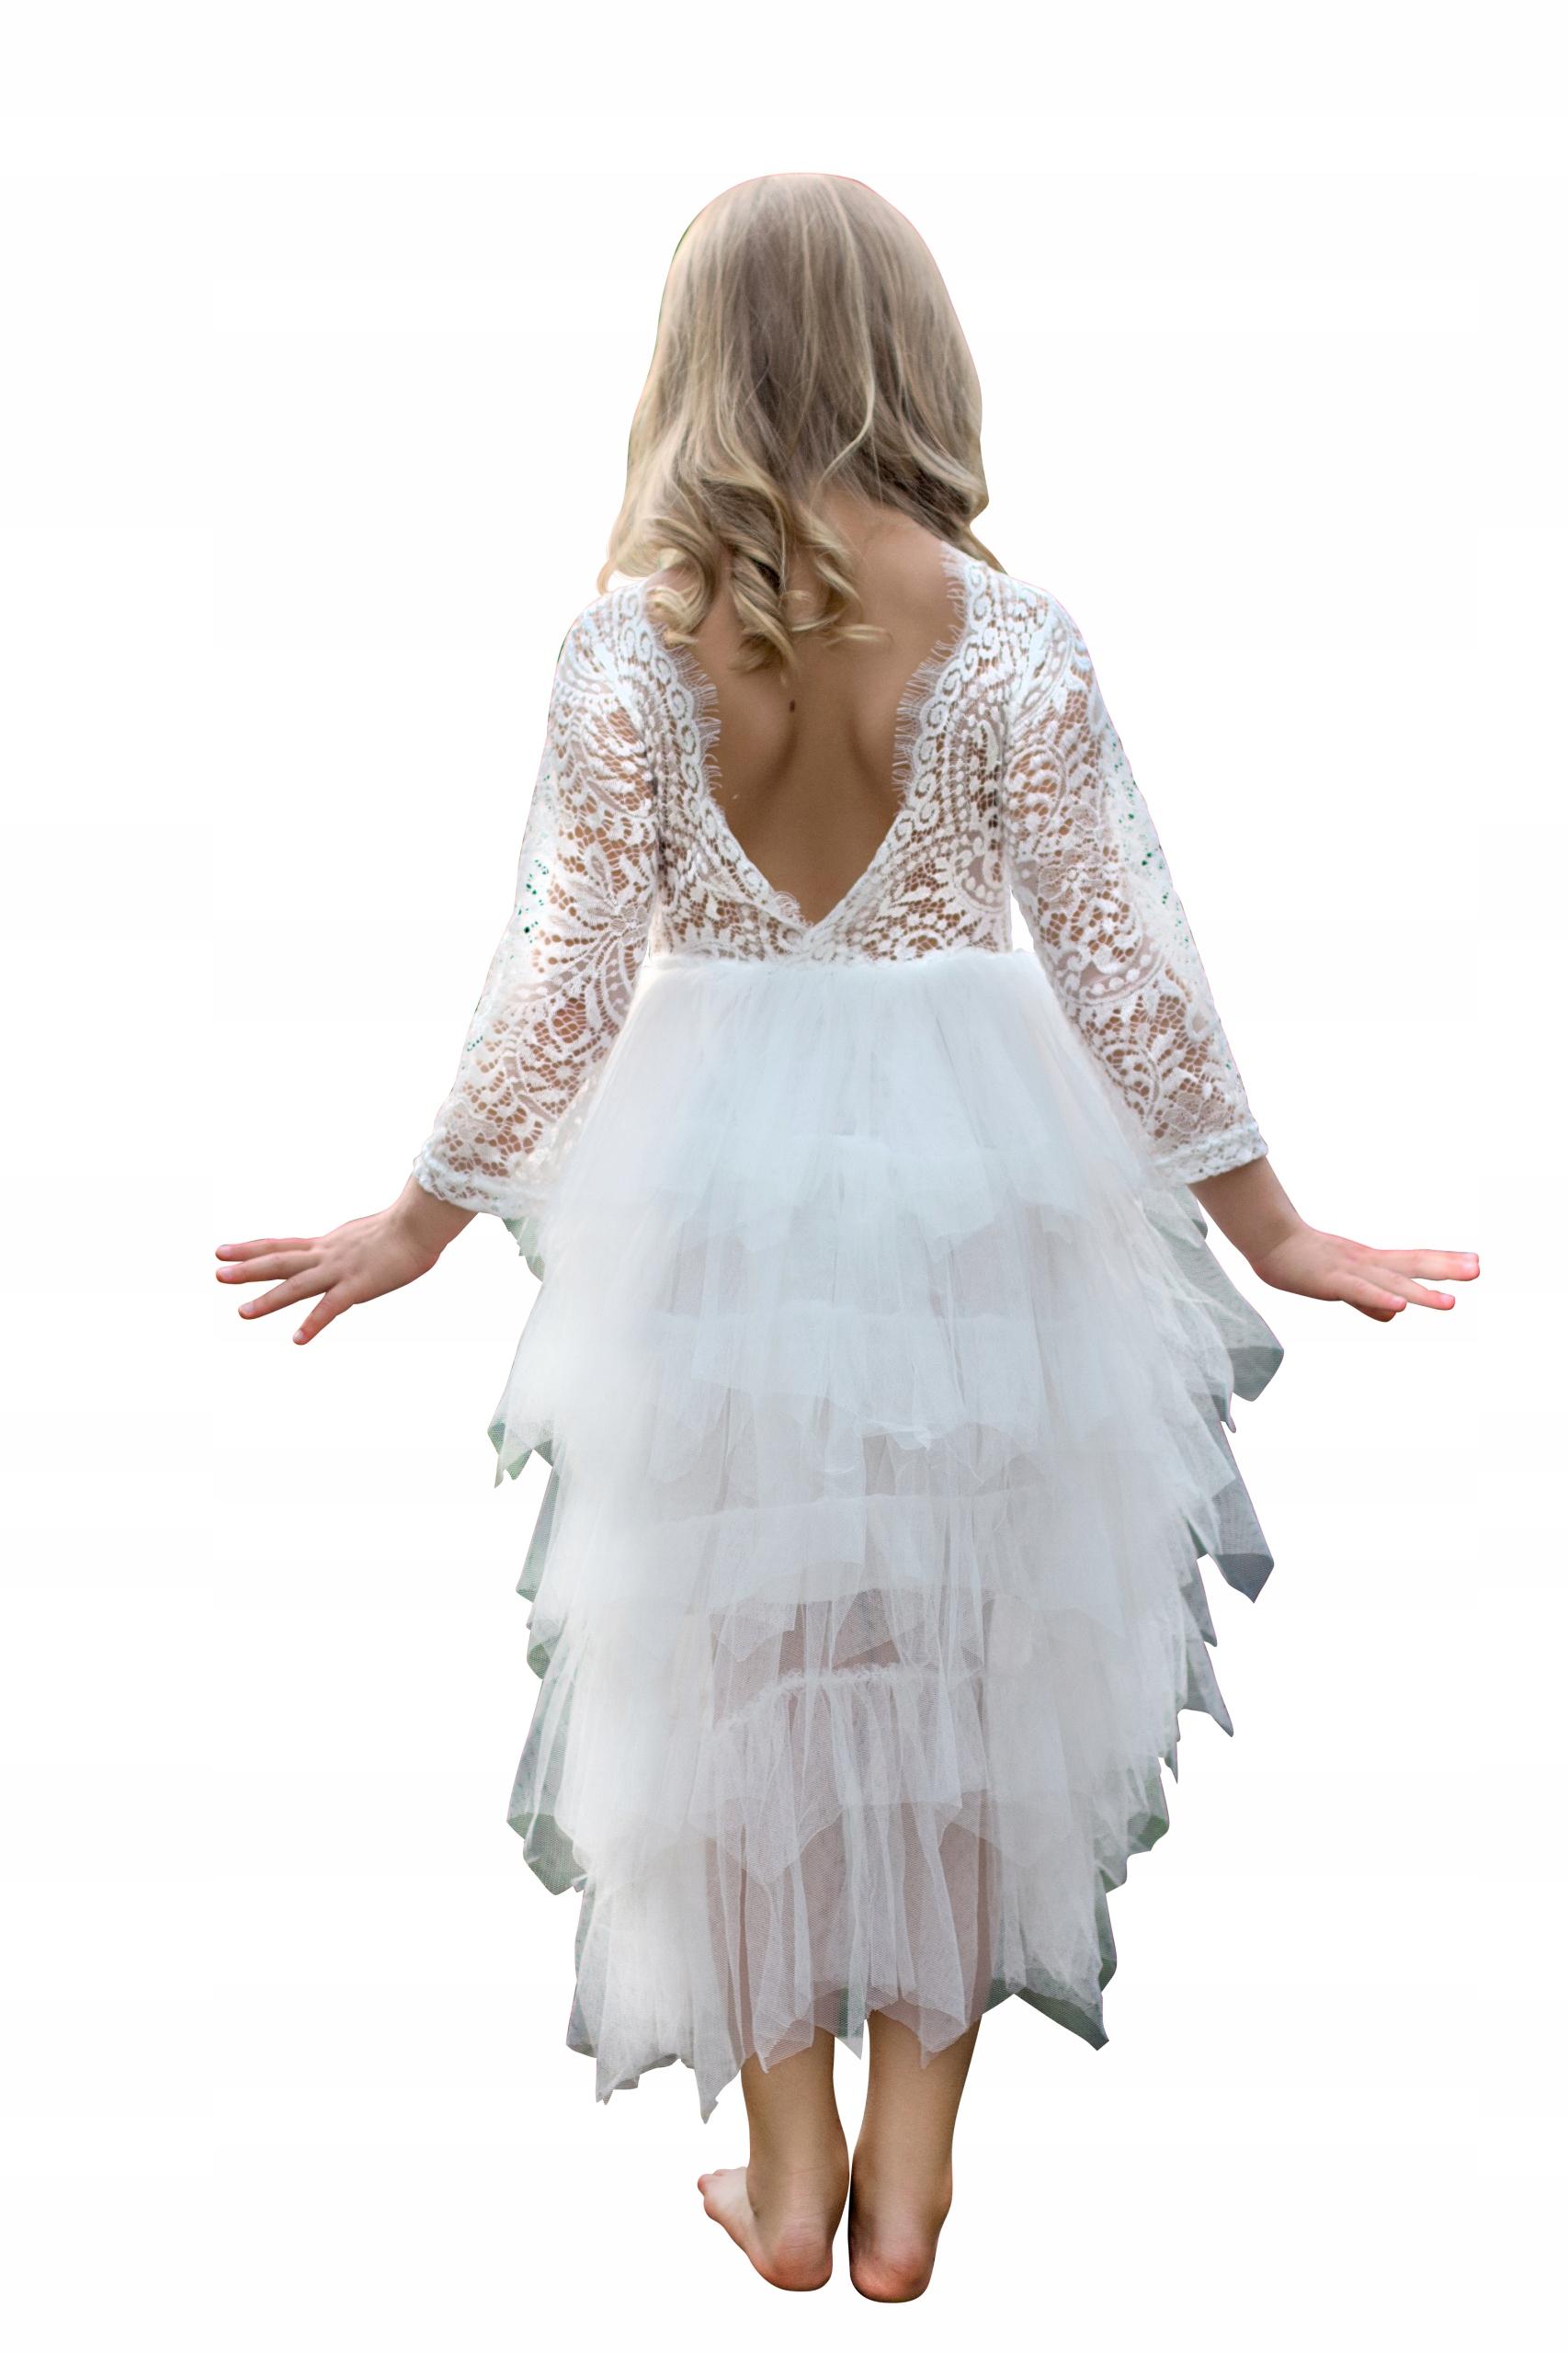 52f8f27209 Sukienka Koronkowa Księżniczka Gołe Plecy Biała110 7517768359 - Allegro.pl